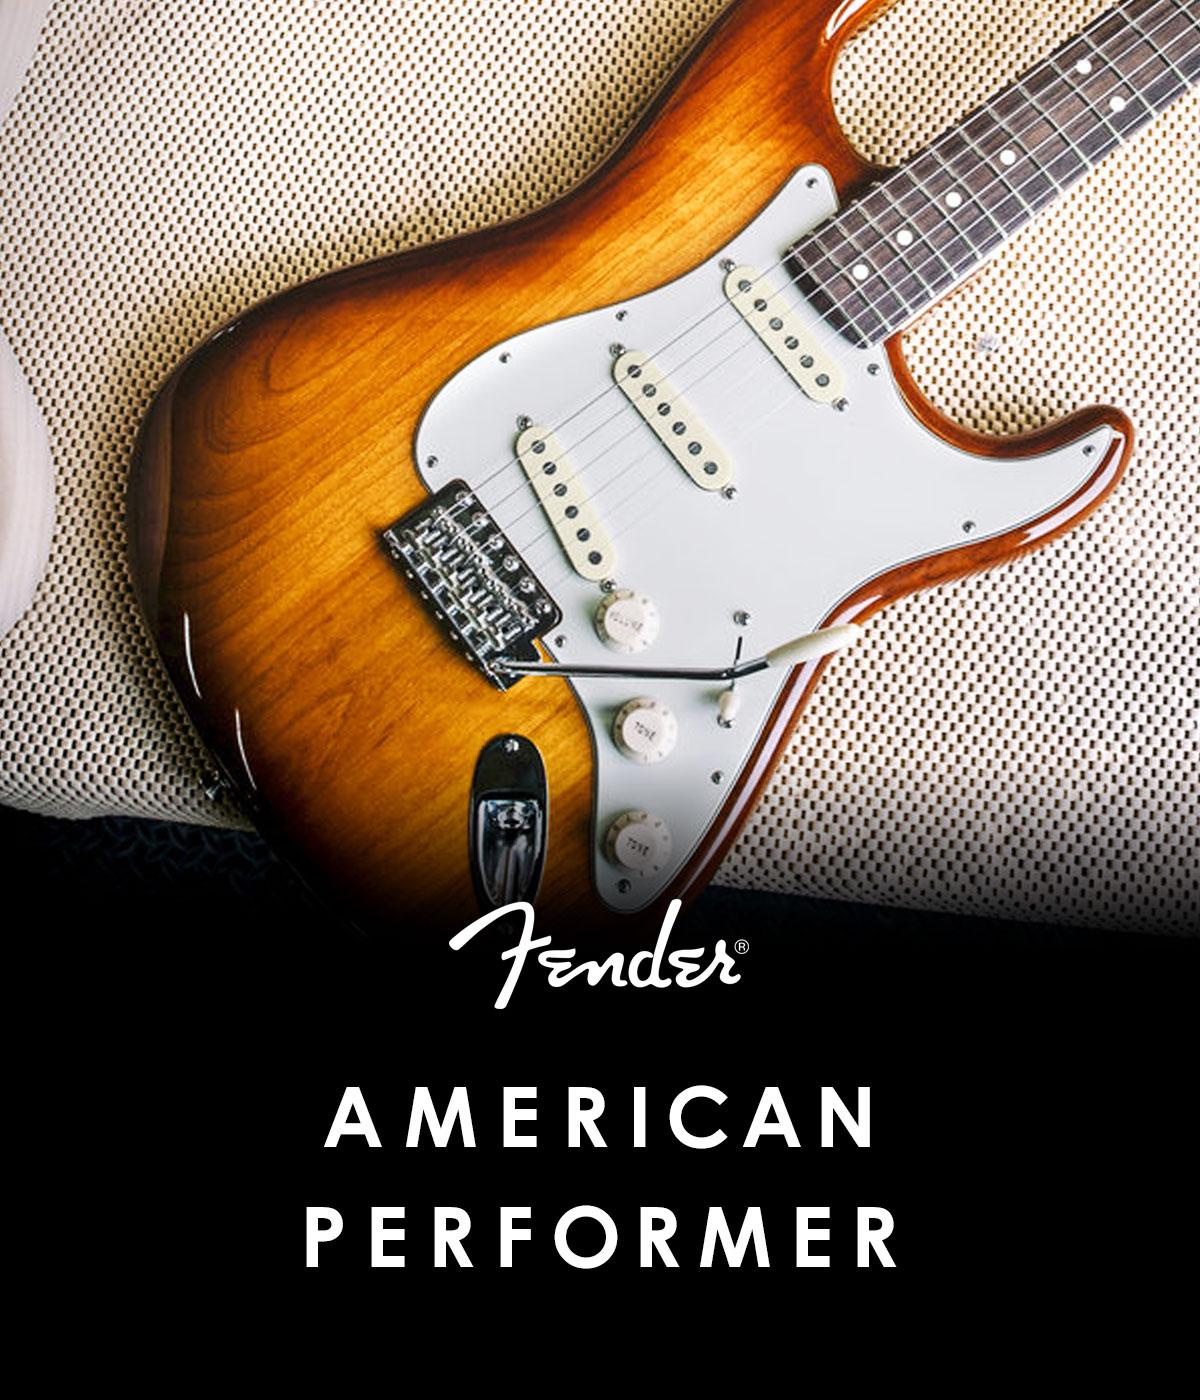 Fender 2019 American Performer Series